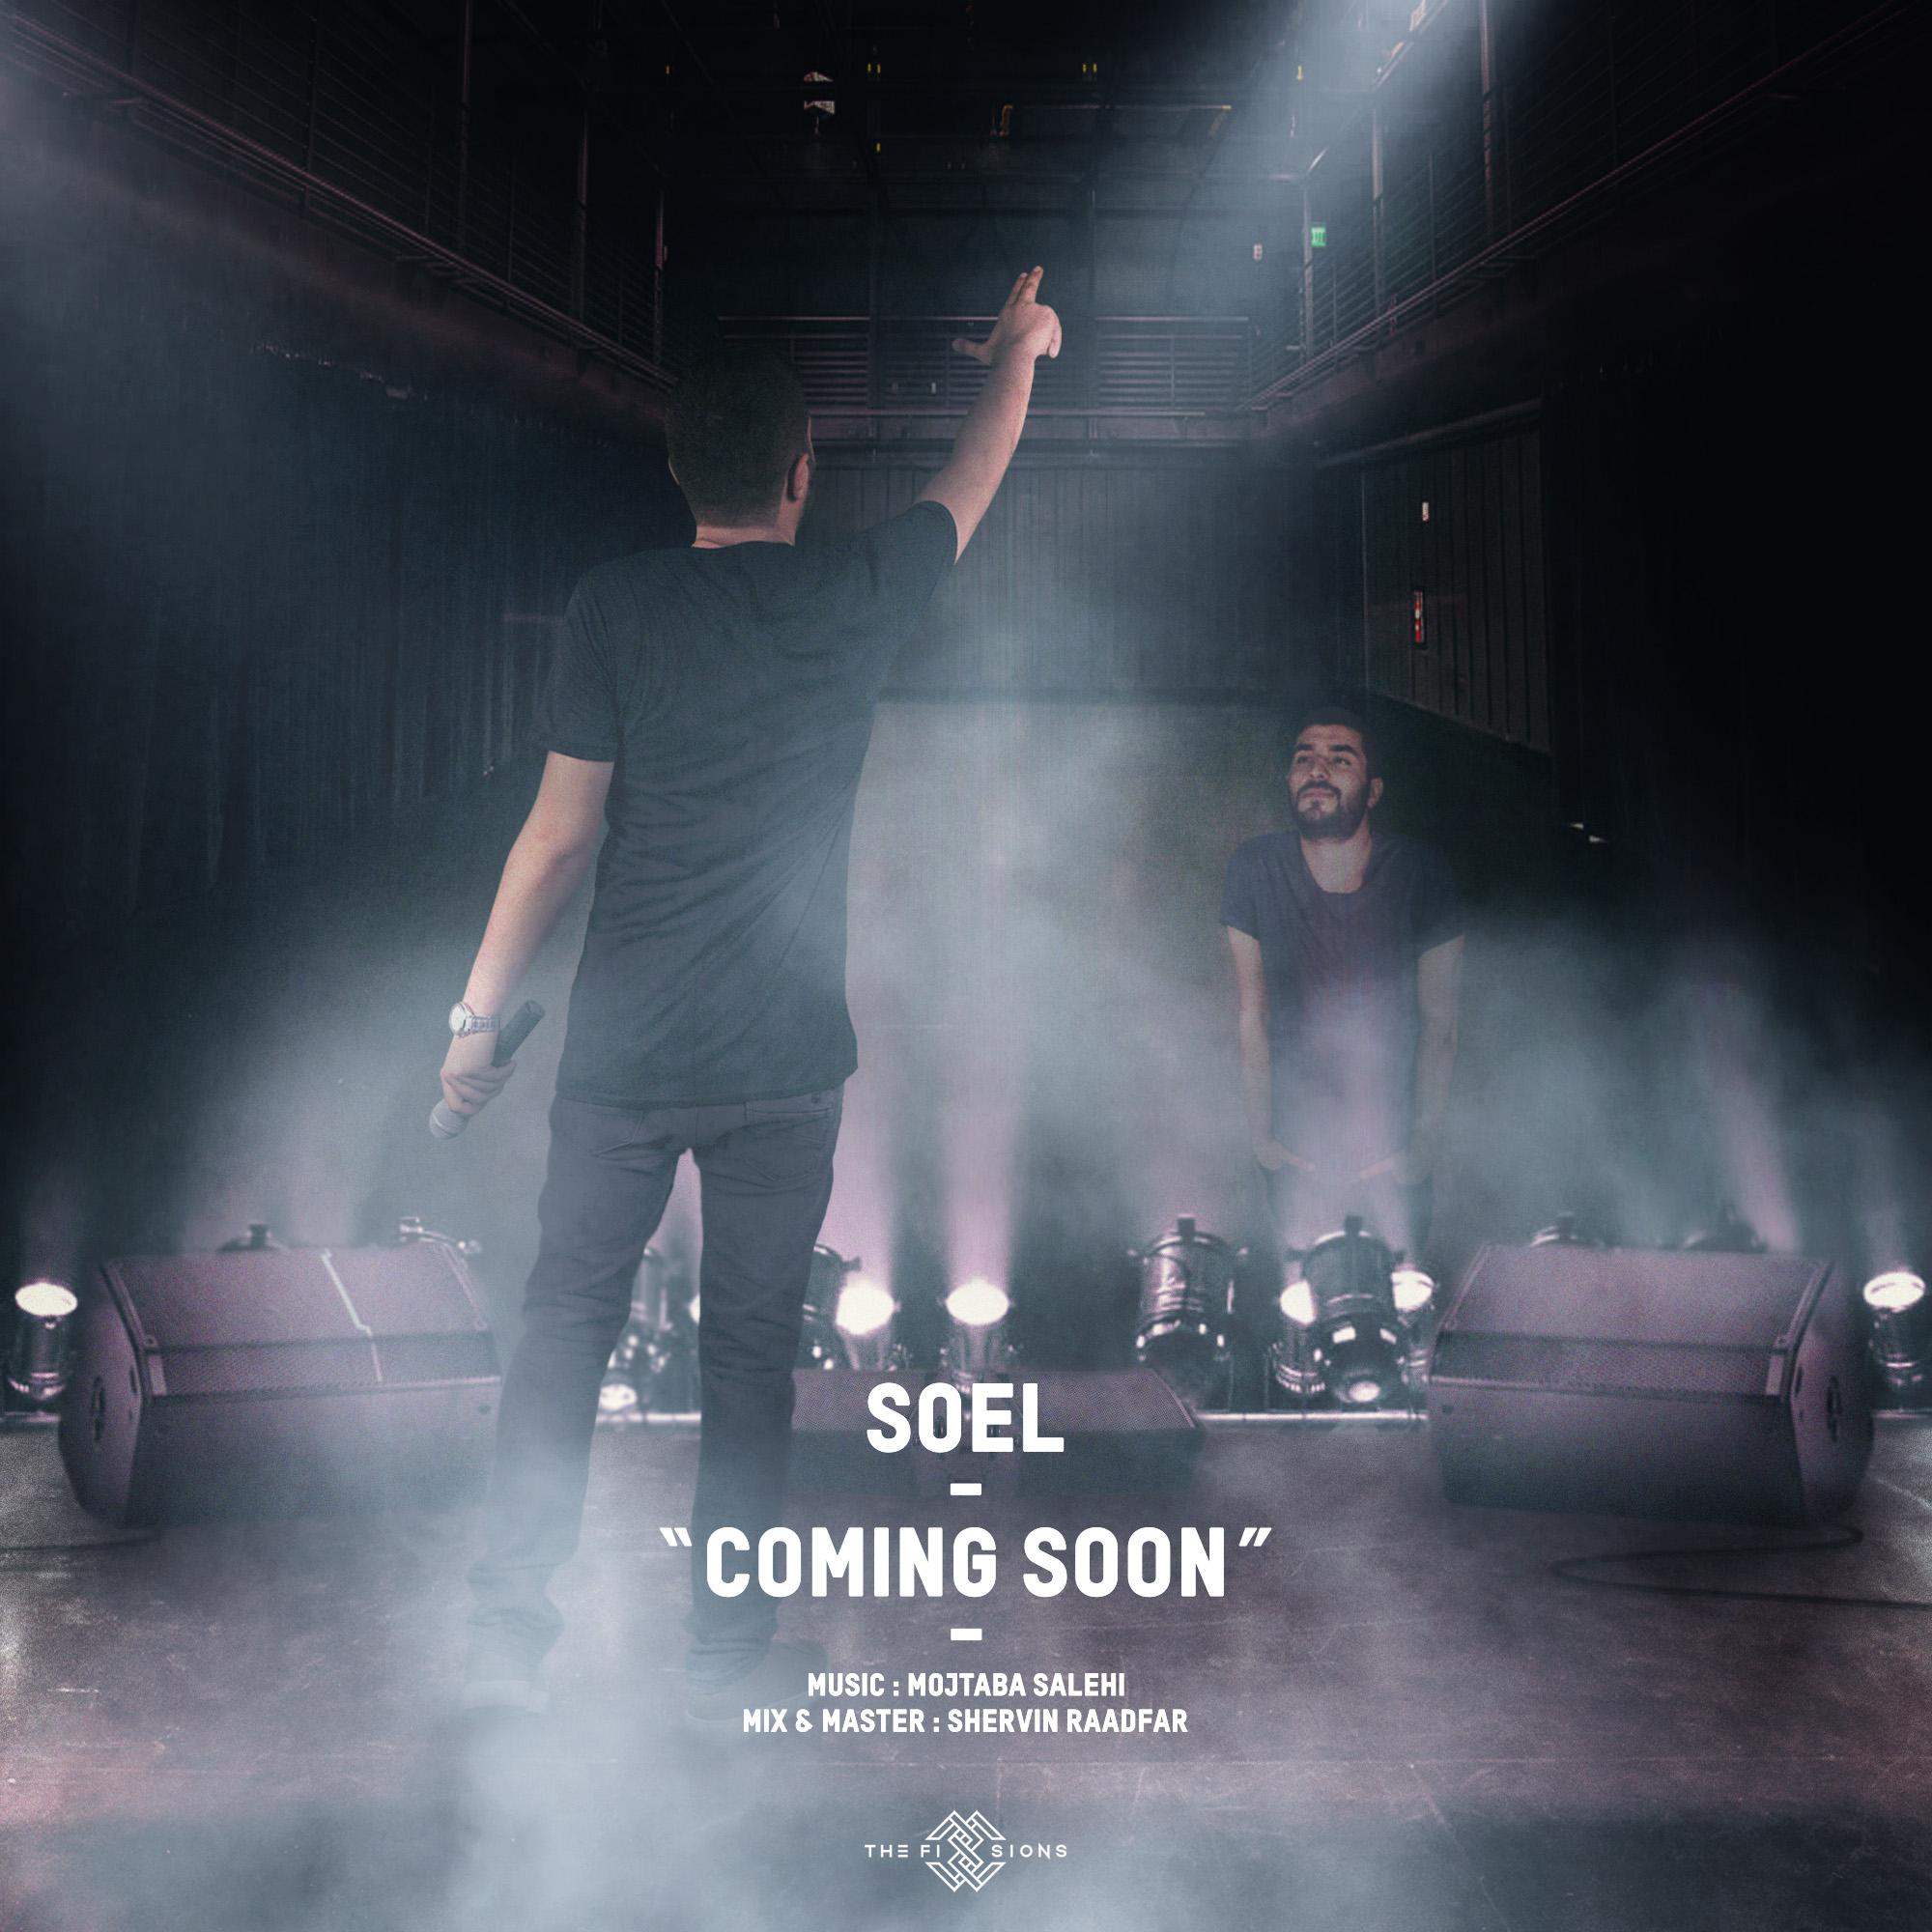 دانلود موزیک جدید و بسیار زیبای سئل به نام کامینگ سون